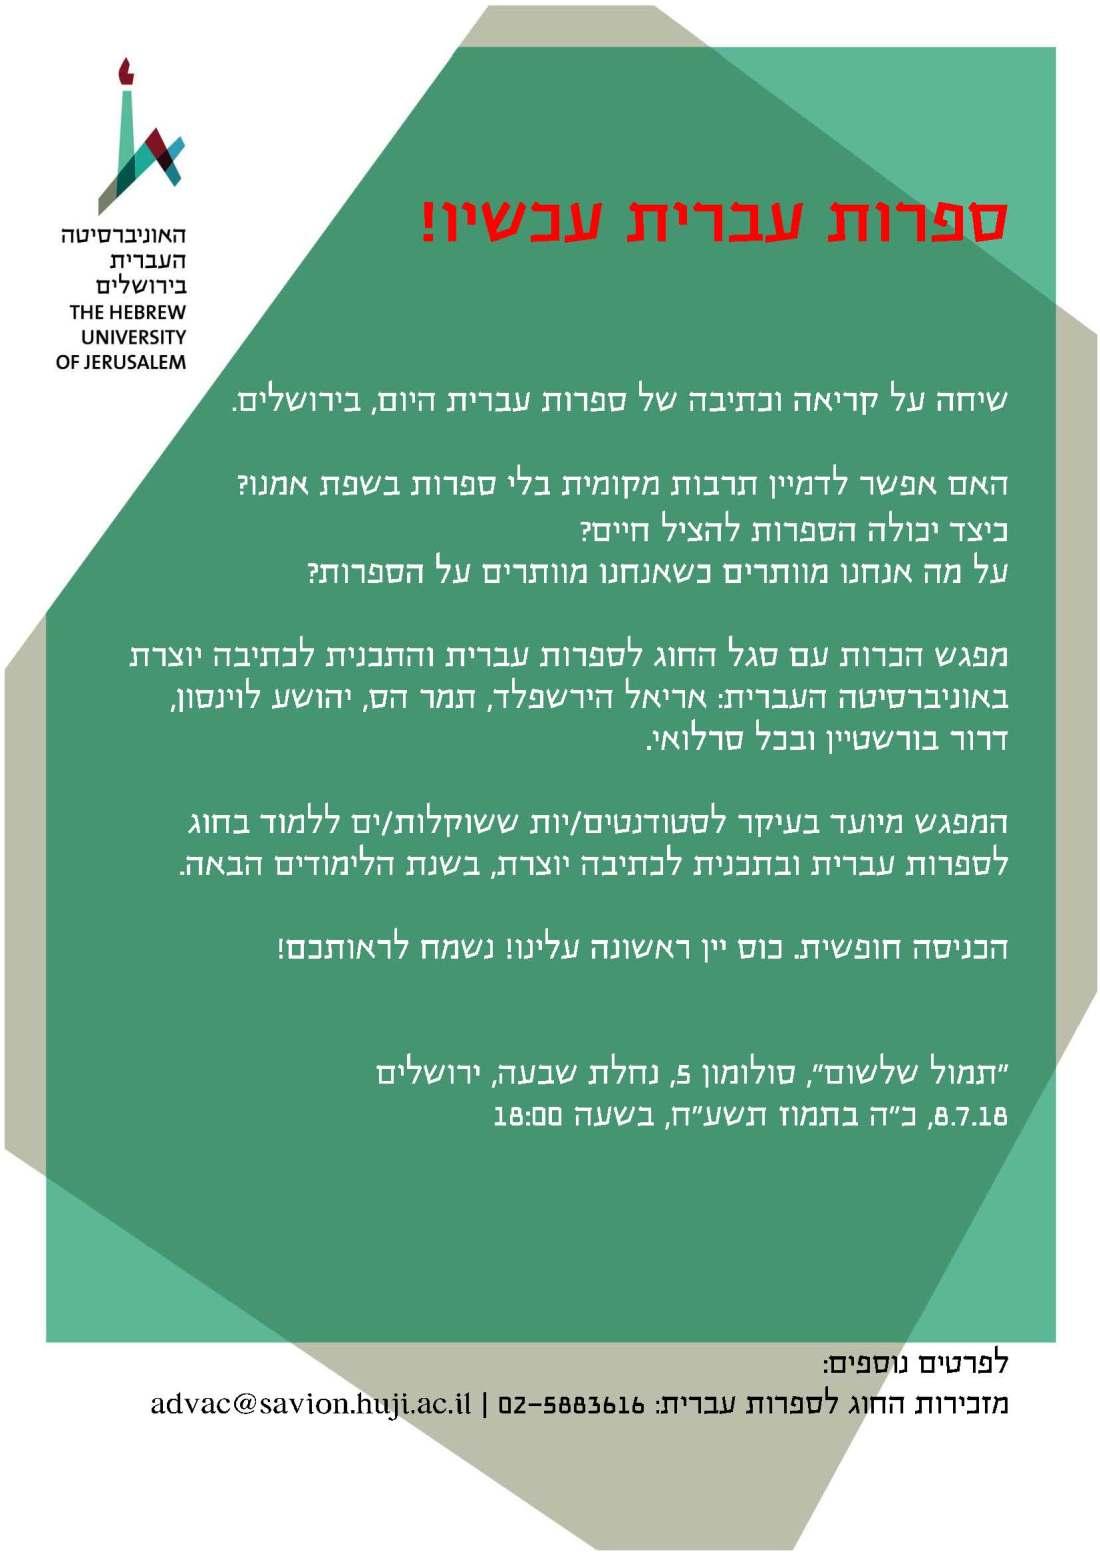 ספרות עברית עכשיו.jpg